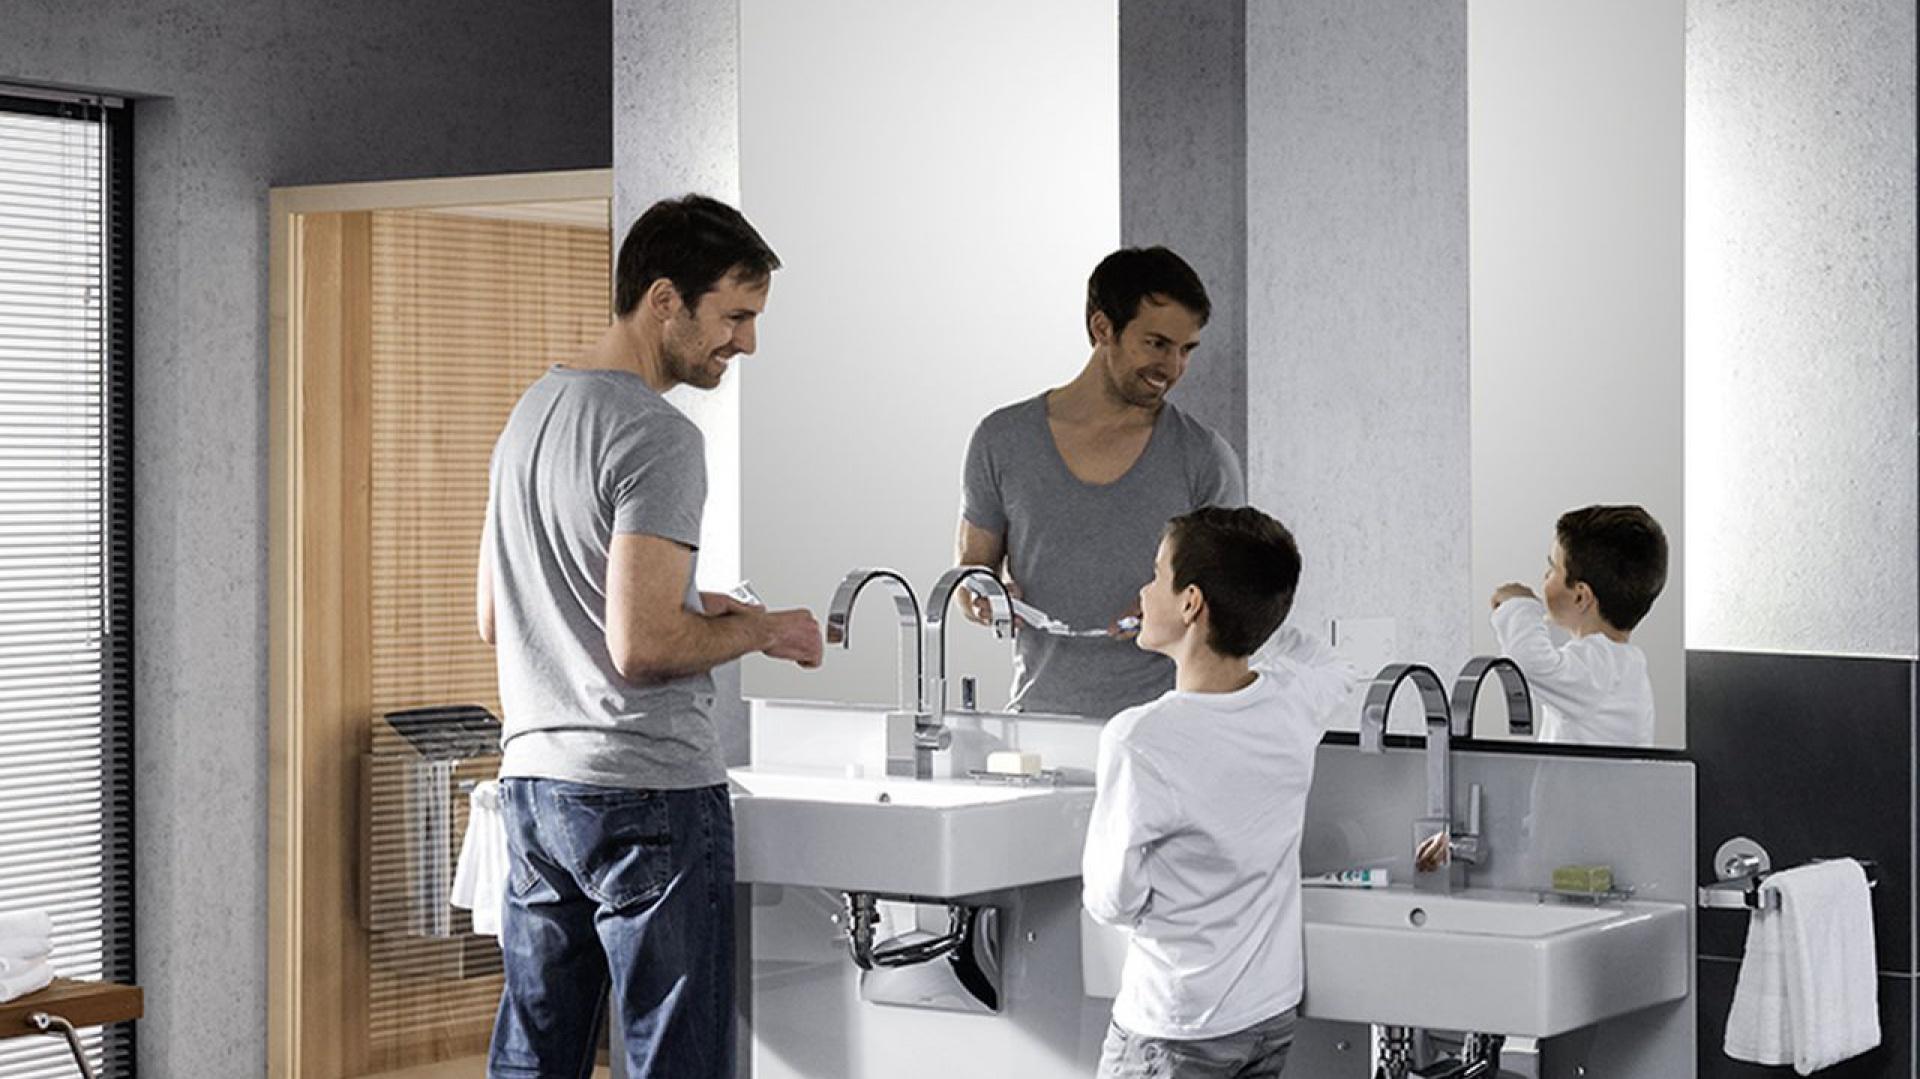 Umywalka znajdująca się na idealnej wysokości dla każdego domownika, niezależnie od wzrostu: stelaż Viega Eco Plus z regulacją wysokości pozwala łatwo podnosić i opuszczać umywalkę, bez wykorzystywania żadnej elektroniki.  Fot. Viega